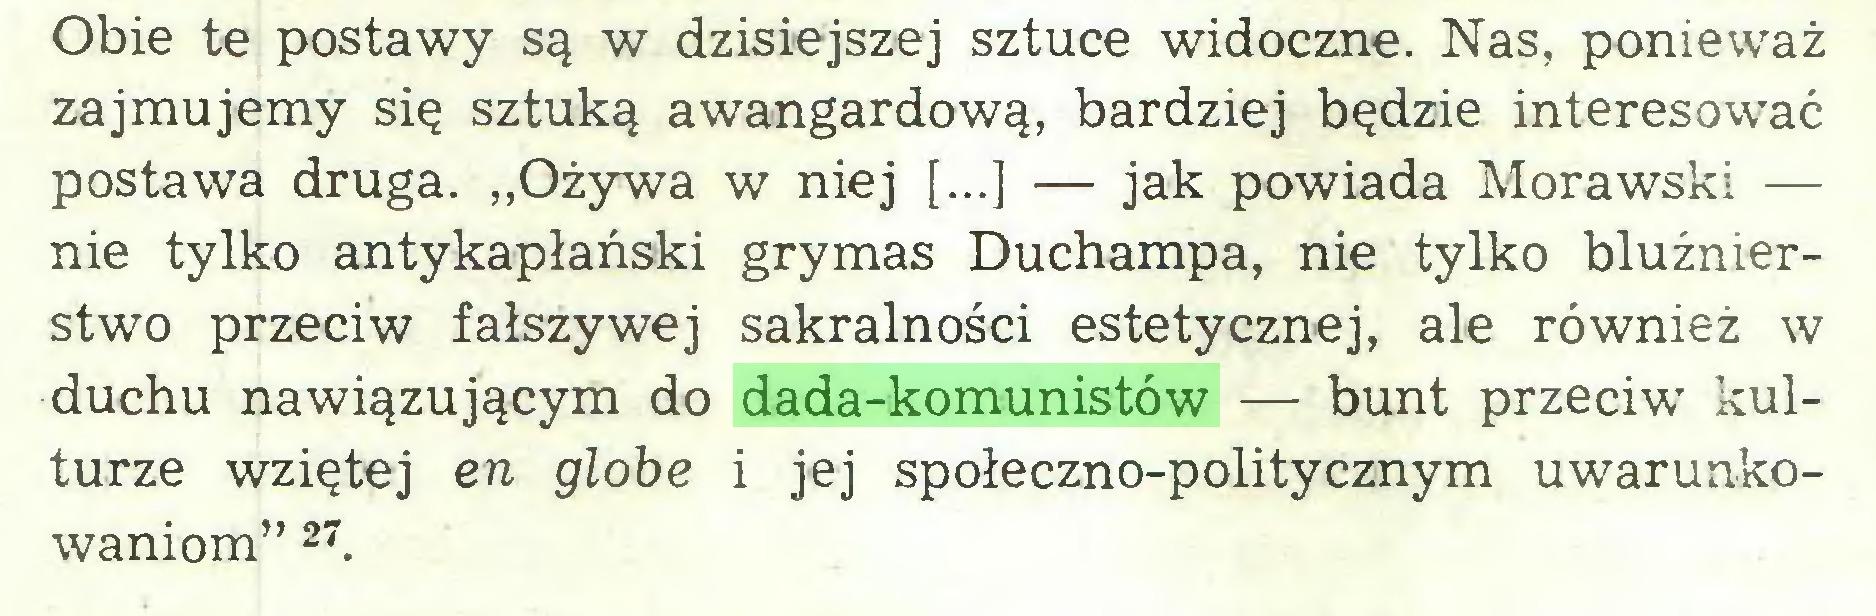 """(...) Obie te postawy są w dzisiejszej sztuce widoczne. Nas, ponieważ zajmujemy się sztuką awangardową, bardziej będzie interesować postawa druga. """"Ożywa w niej [...] — jak powiada Morawski — nie tylko antykapłański grymas Duchampa, nie tylko bluźnierstwo przeciw fałszywej sakralności estetycznej, ale również w duchu nawiązującym do dada-komunistów — bunt przeciw kulturze wziętej en globe i jej społeczno-politycznym uwarunkowaniom"""" 27..."""